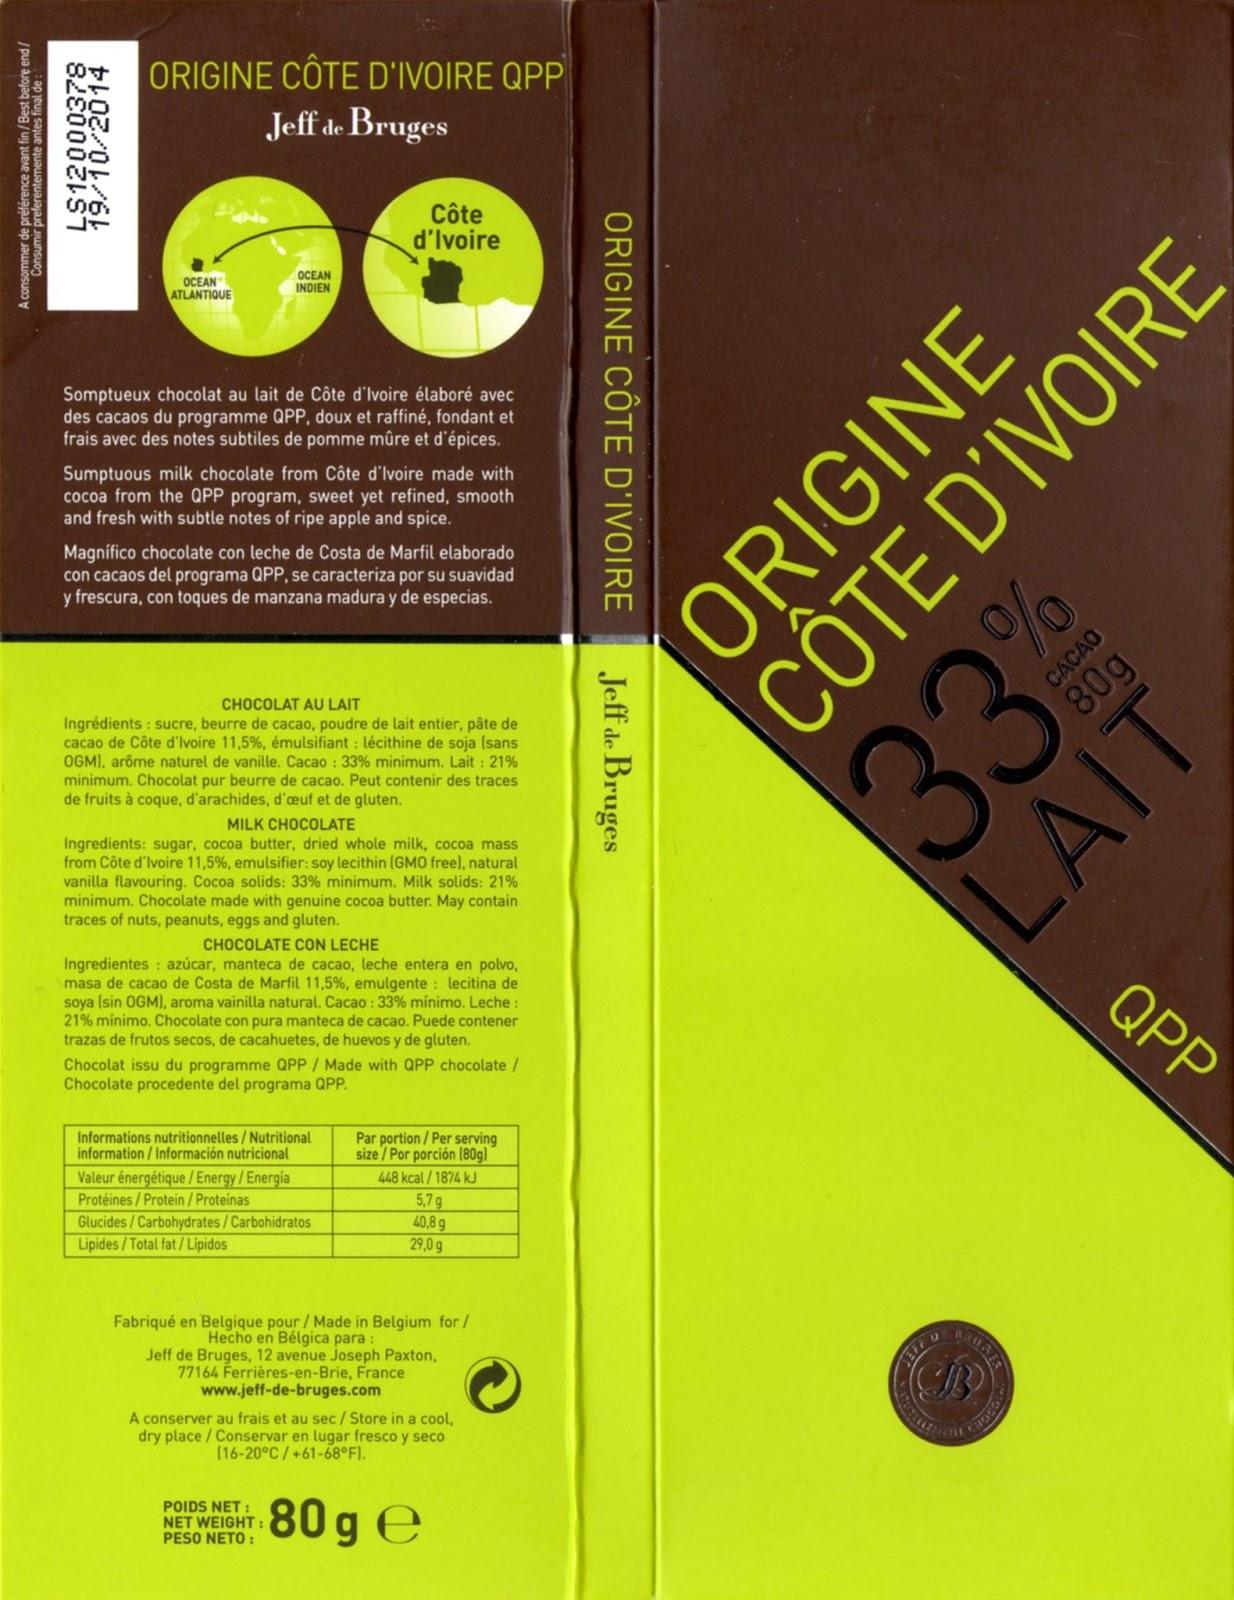 tablette de chocolat lait dégustation jeff de bruges origine côte d'ivoire 33